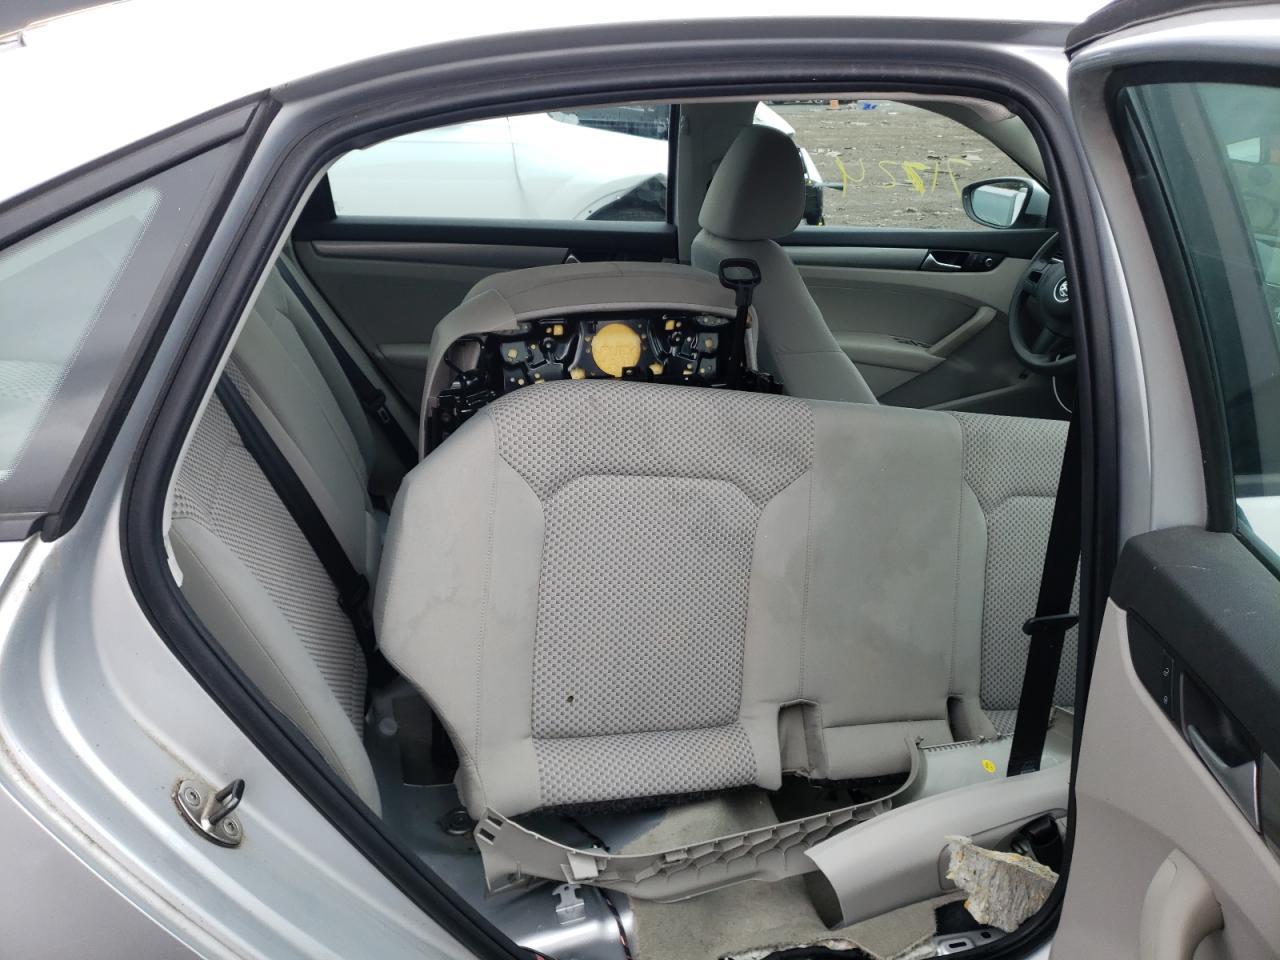 2012 Volkswagen Passat S